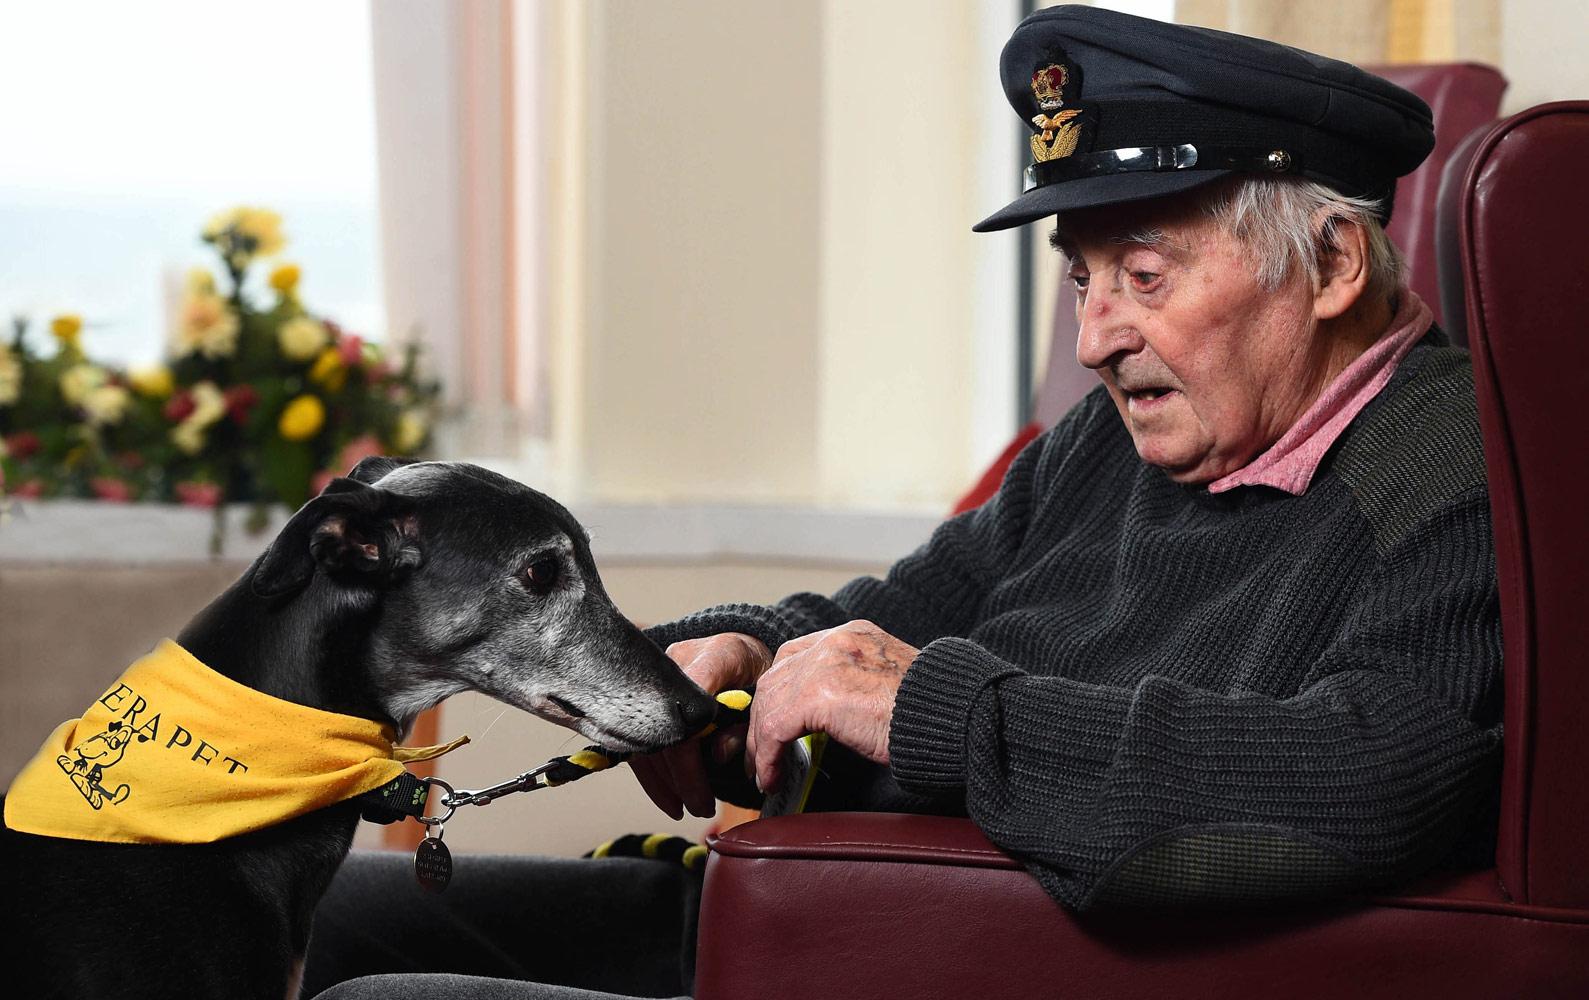 Аласдаир Маклеод, Великобритания / Alasdair Macleod, UK, Победитель в категории «Собаки помощники», Фотоконкурс Dog Photographer of the Year